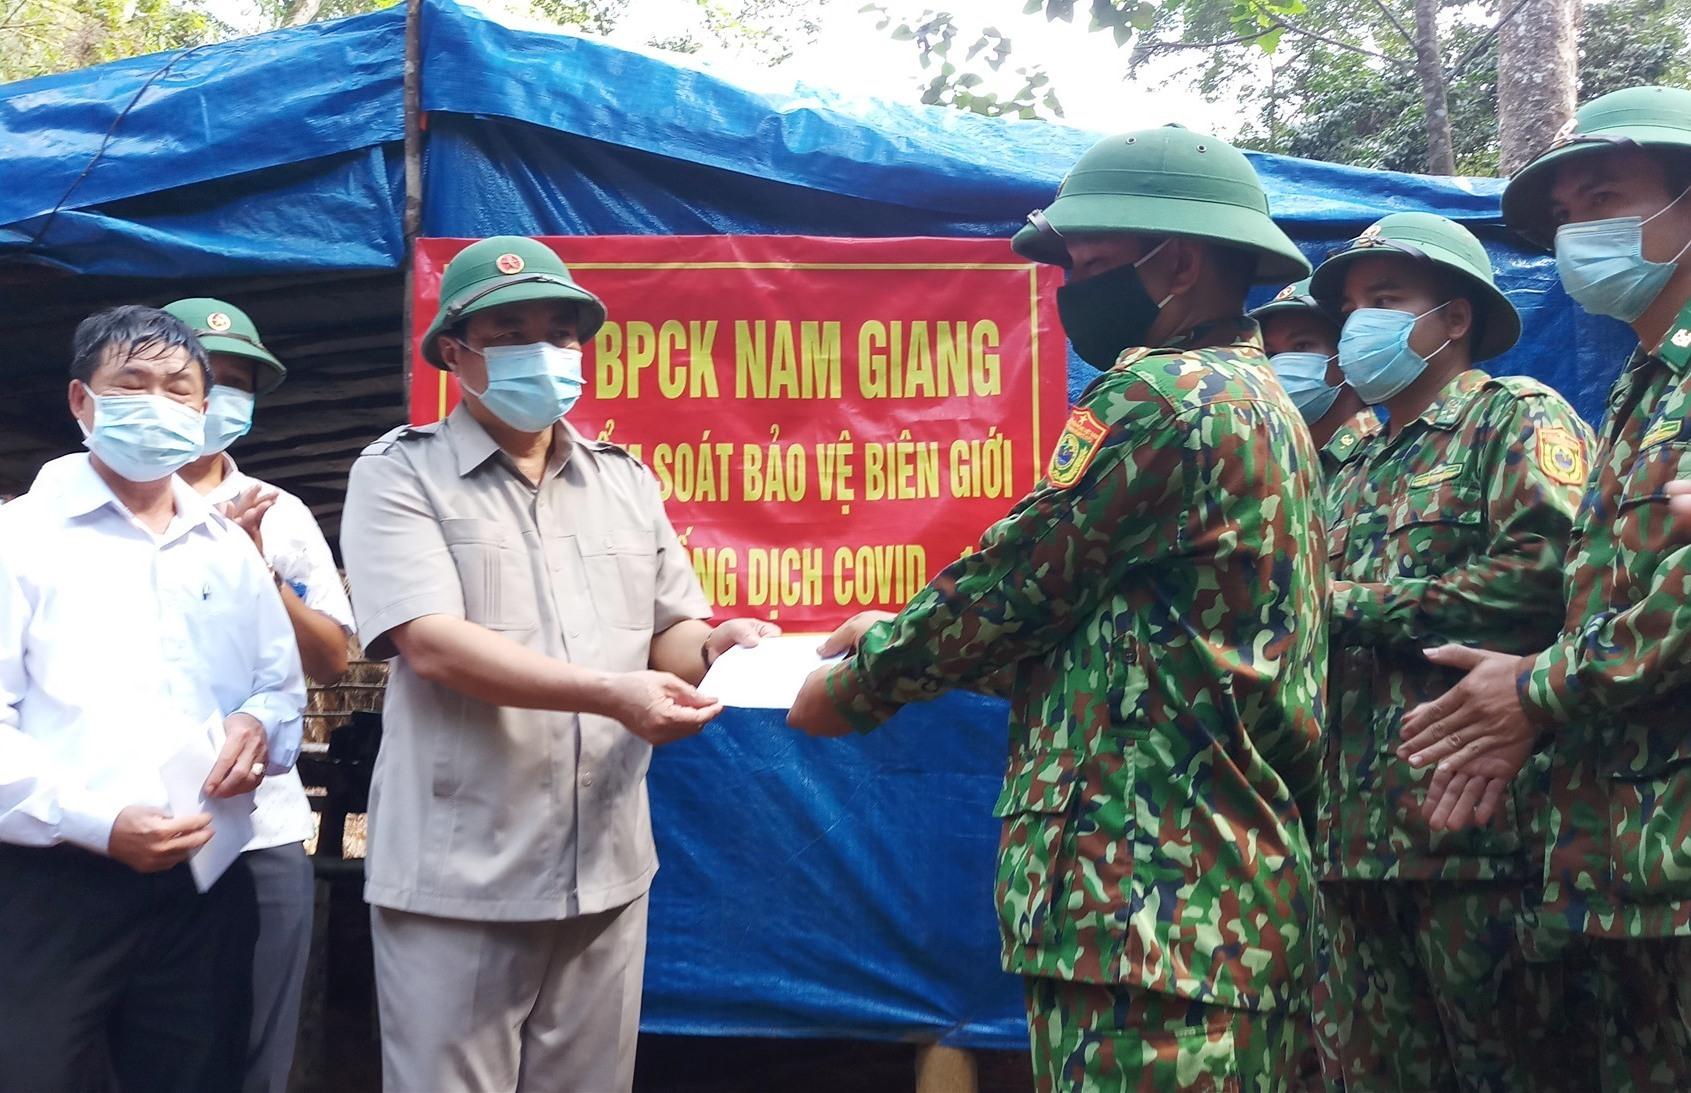 Bí thư Tỉnh ủy Phan Việt Cường trao quà động viên các chiến sĩ. Ảnh: A.N